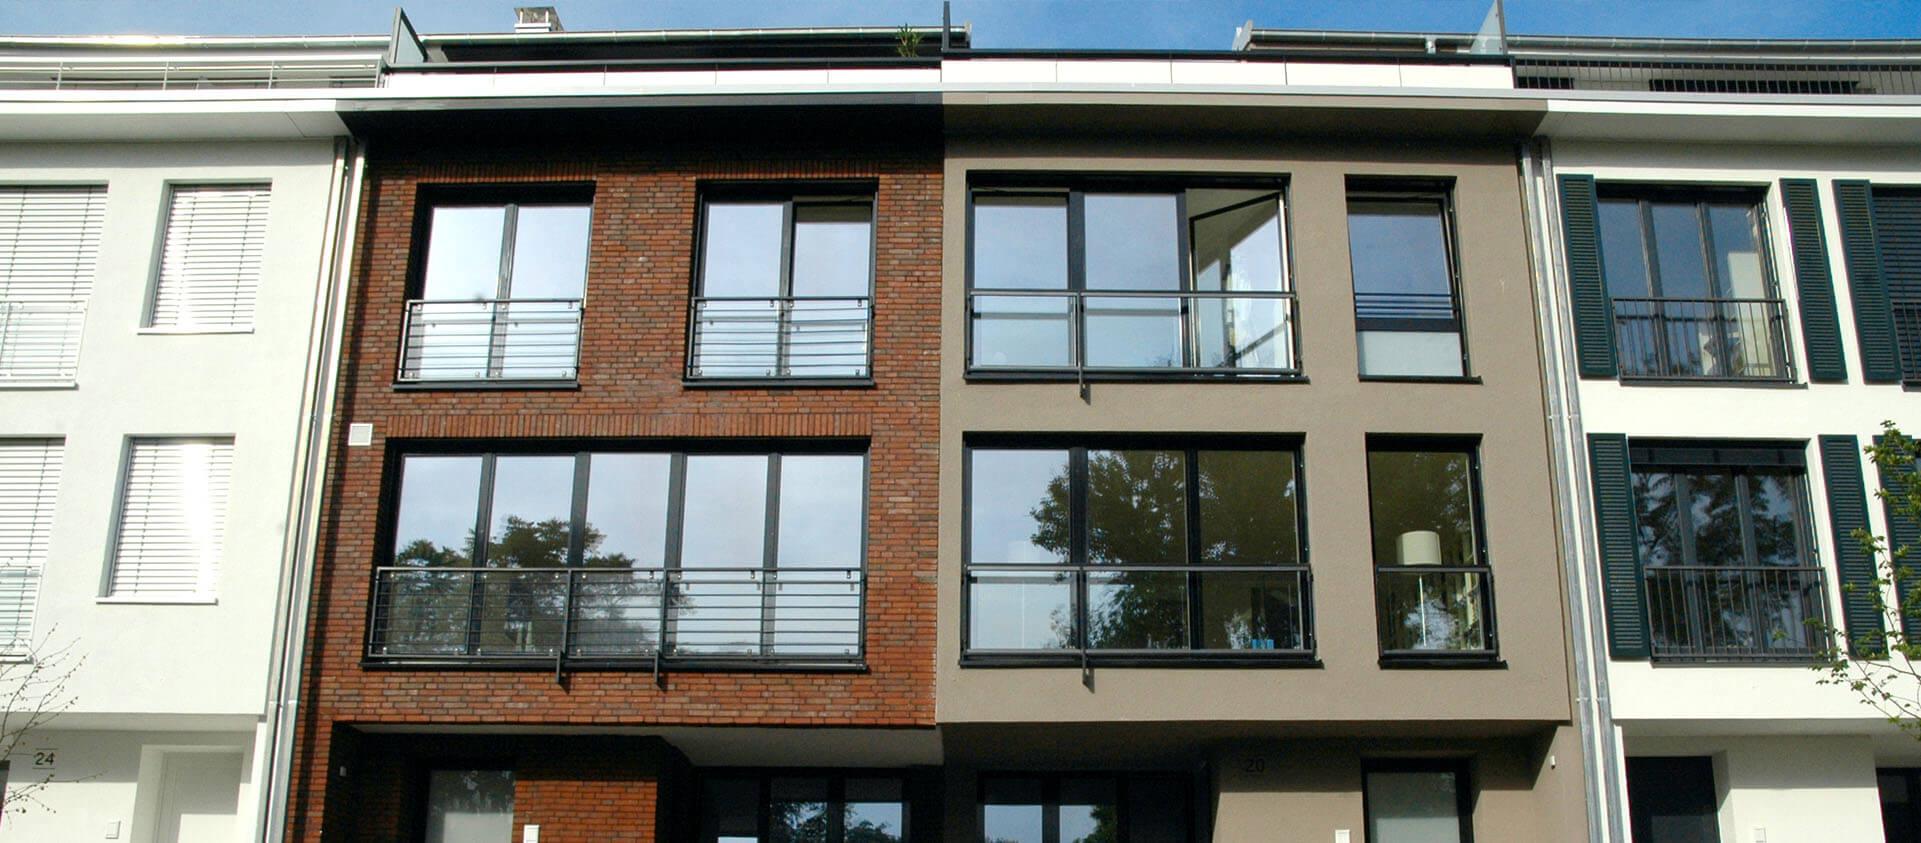 Blick auf Townhäuser Bad Soden a. Ts., unterschiedliche Fassaden